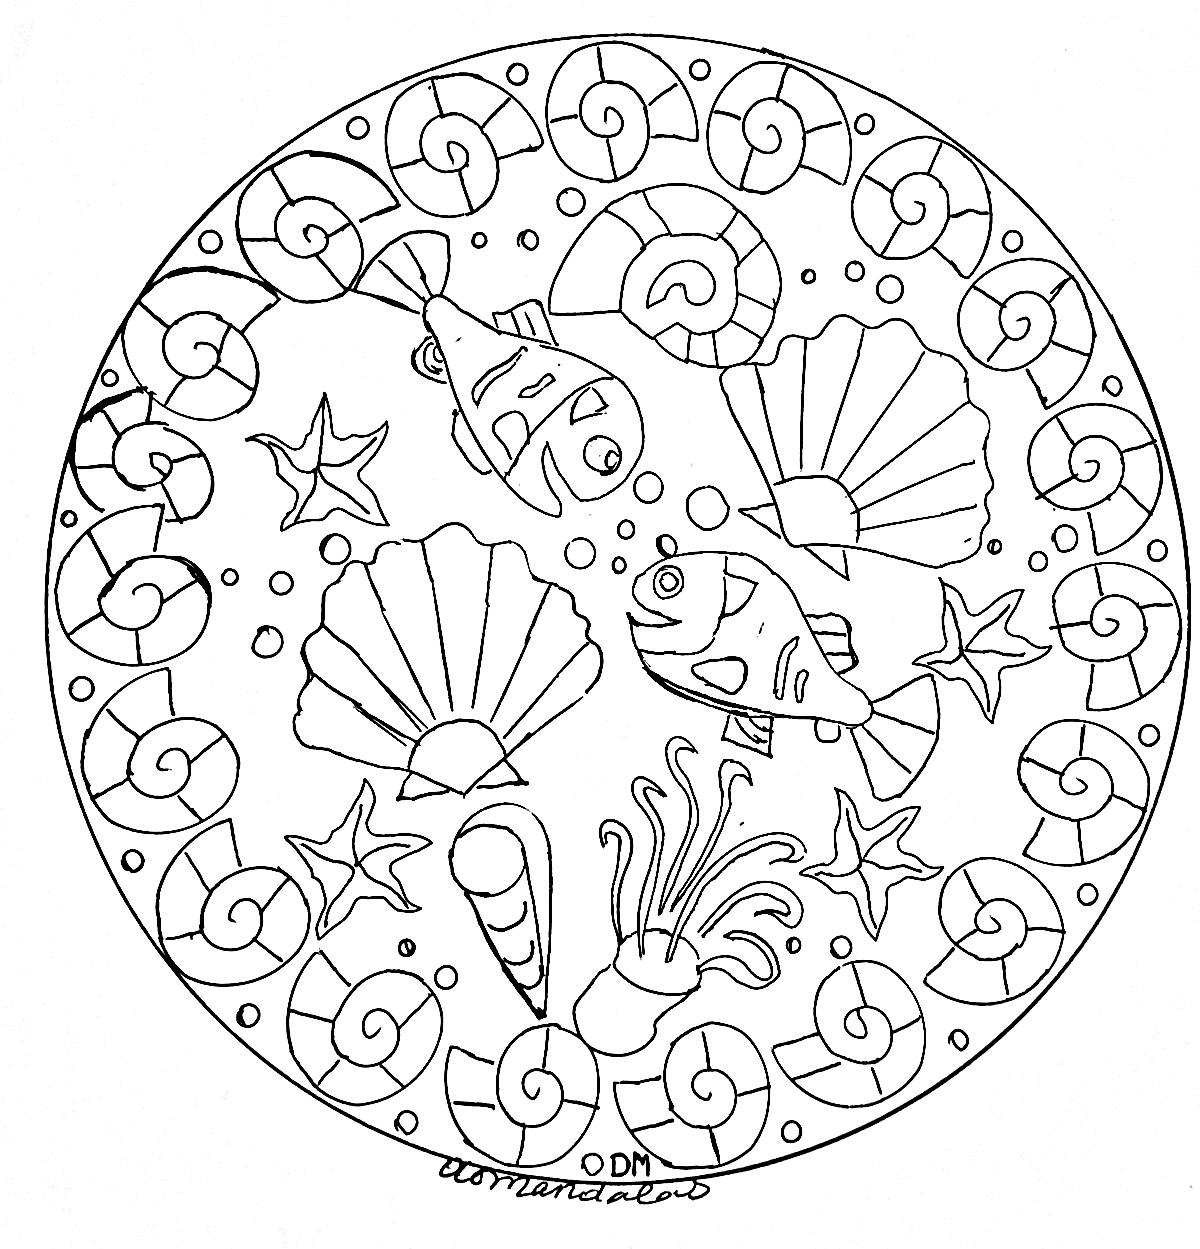 Mandala facile fonds marins 2 - Coloriage Mandalas ...